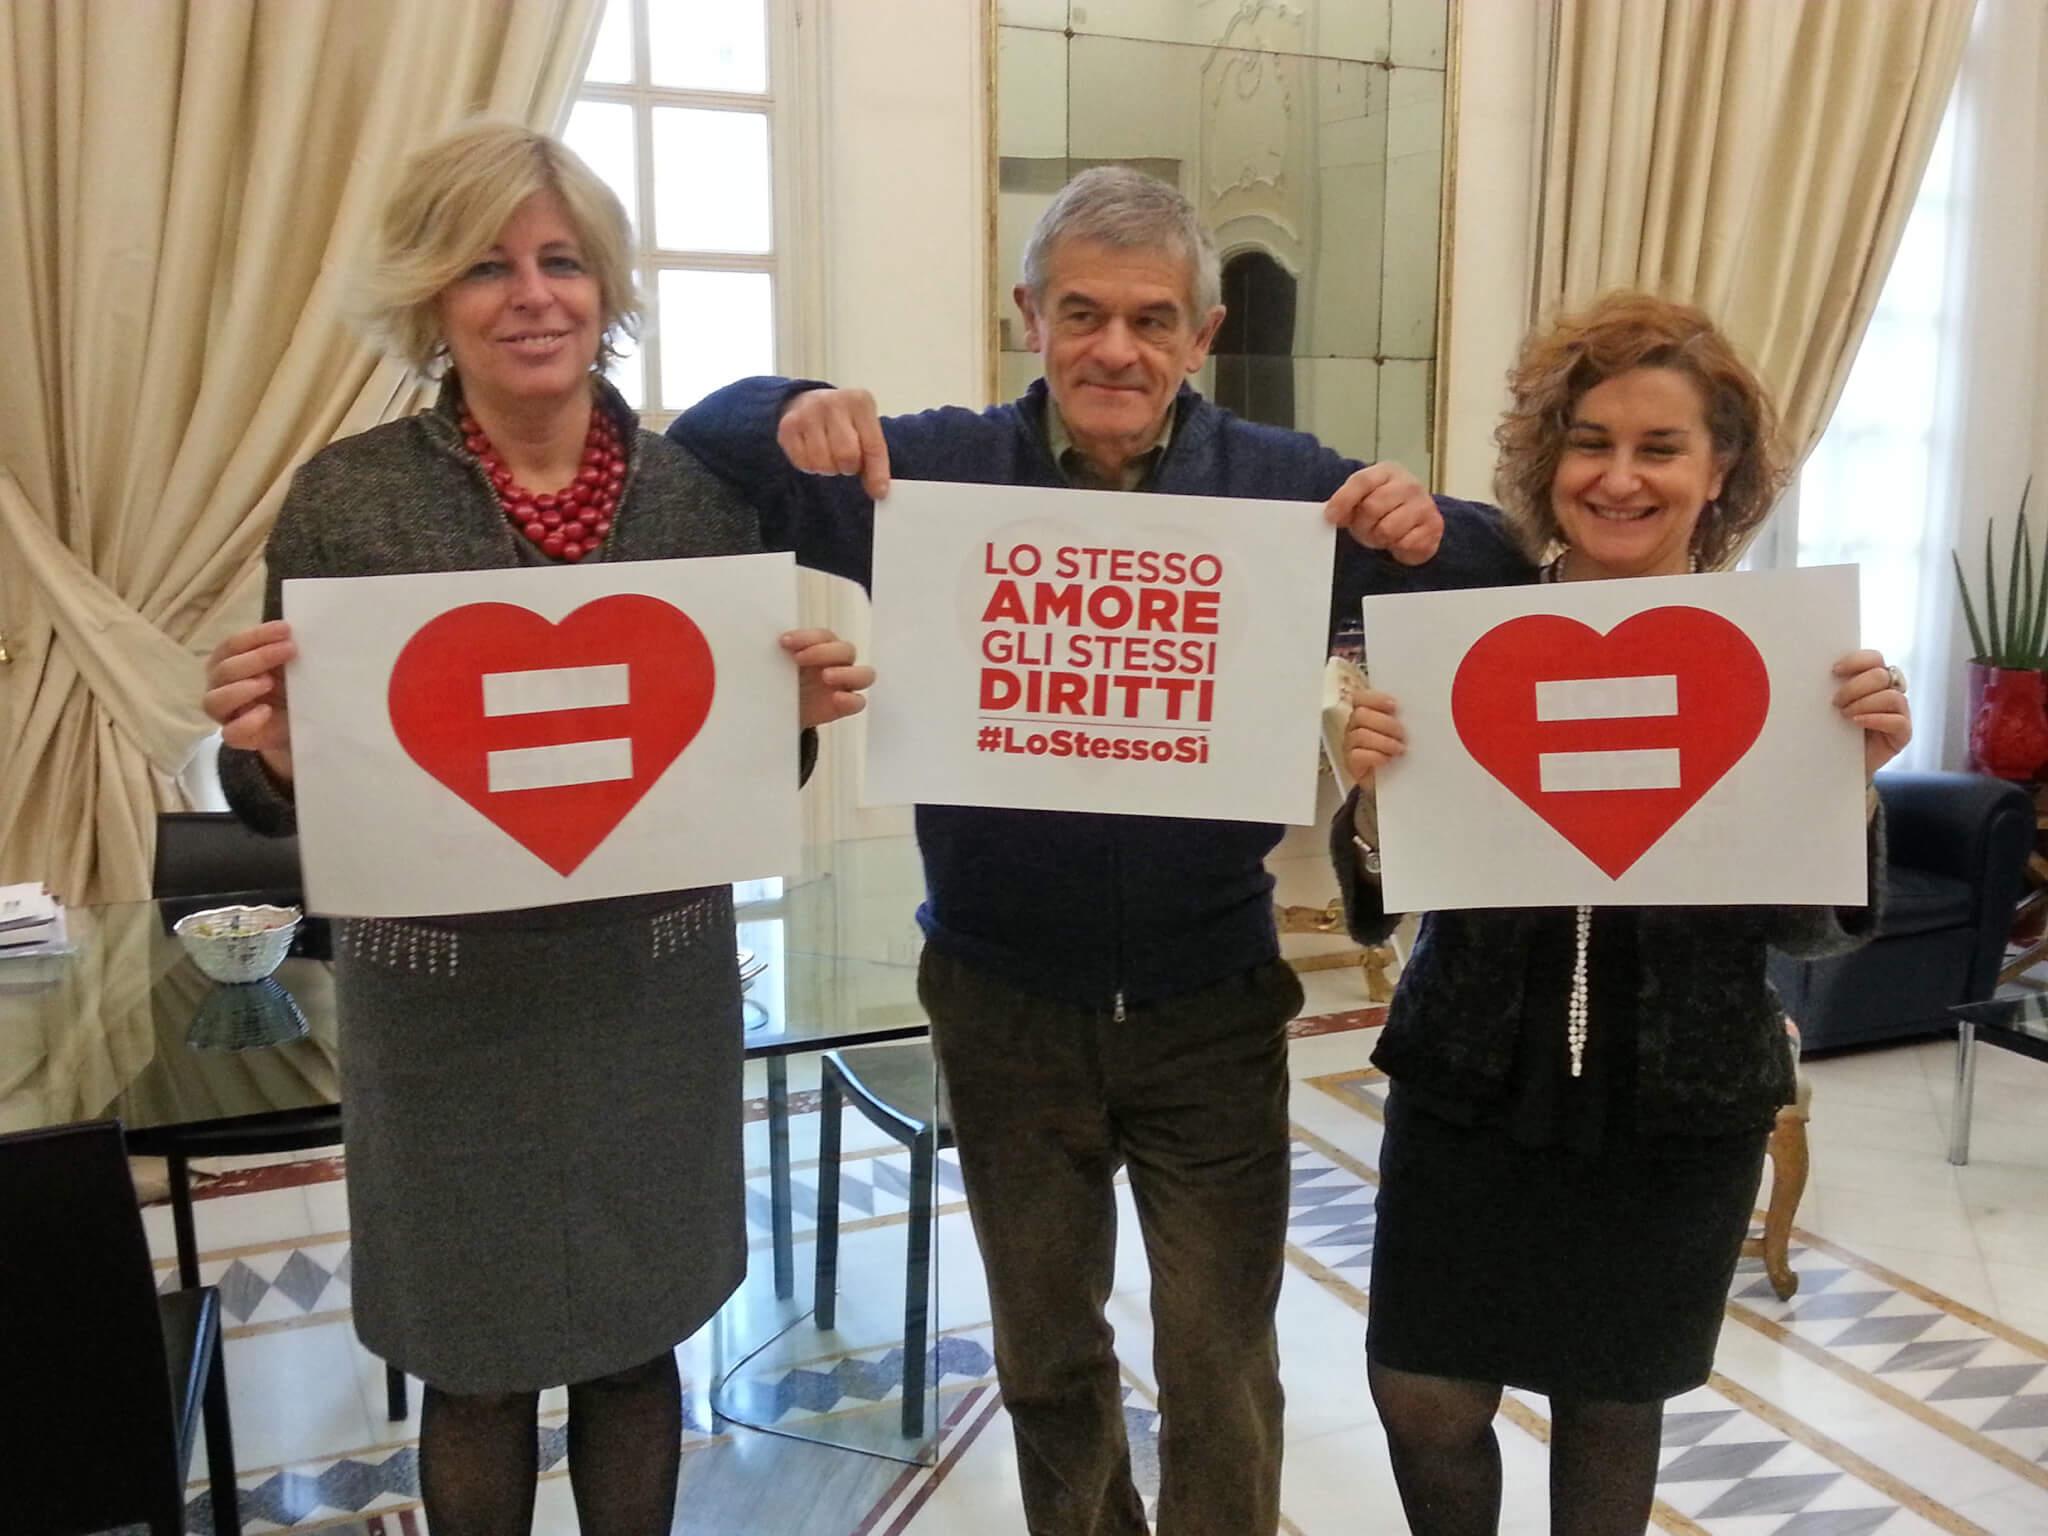 Anche Sergio Chiamparino e Piero Fassino aderiscono a #LoStessoSì